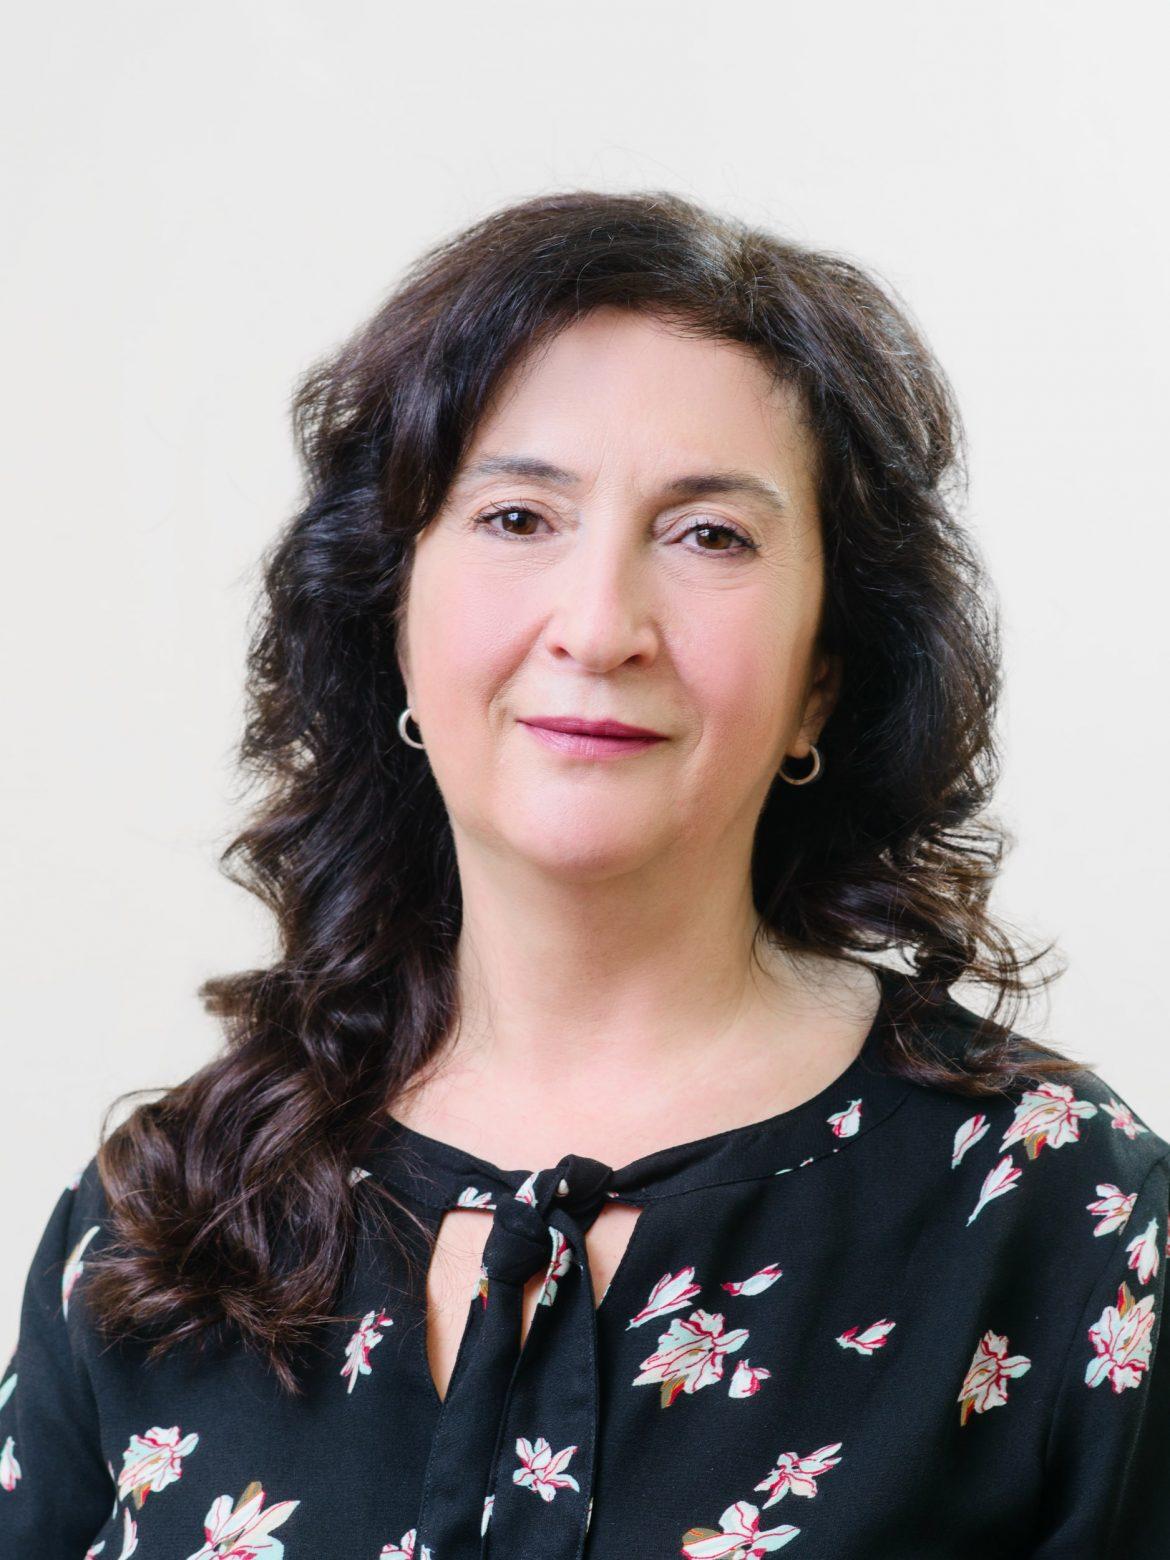 Milena Stoilova